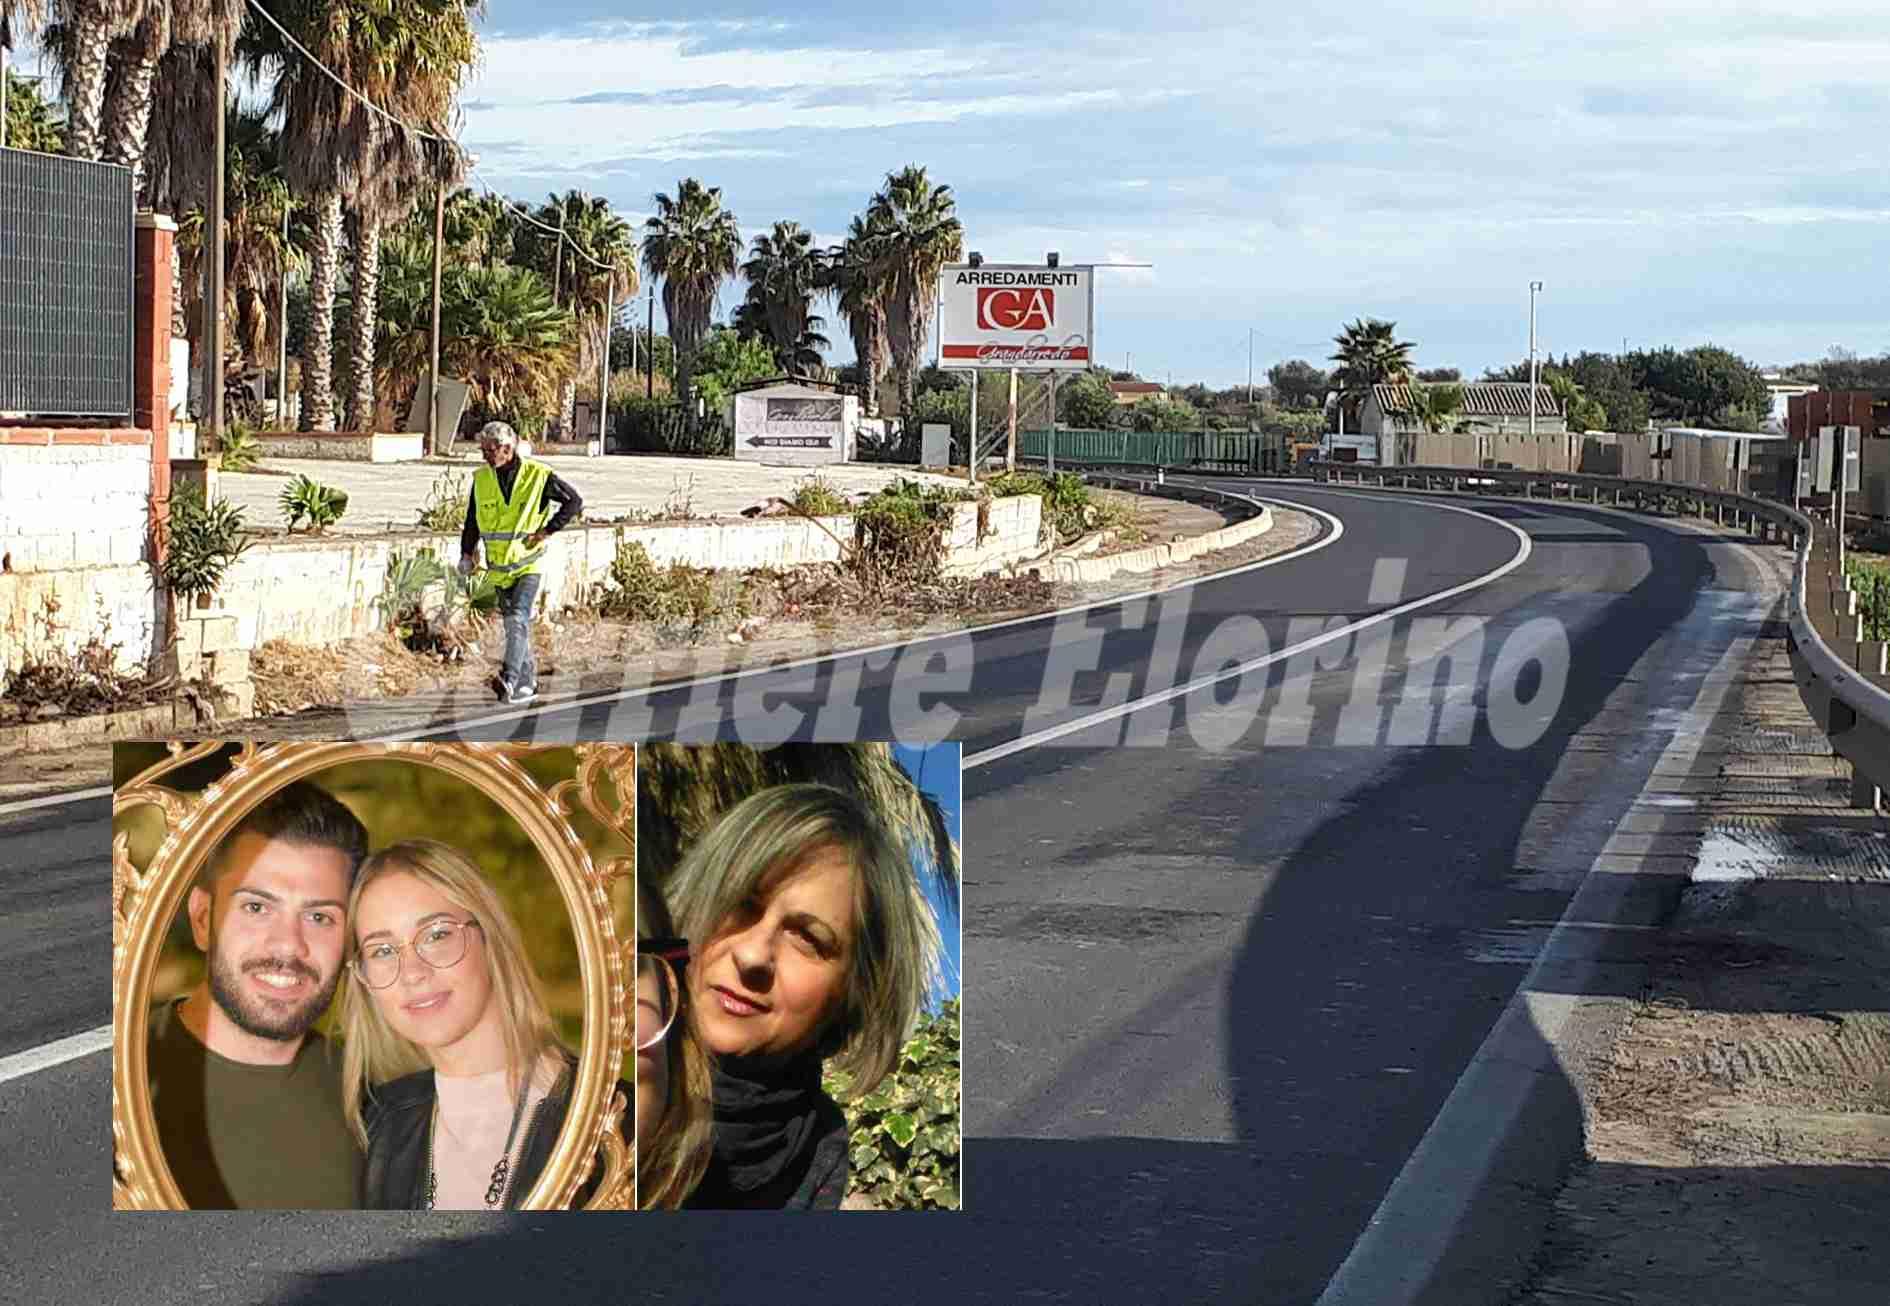 Travolse e uccise Cristian, Aurora e Rita: condannato a 7 anni e 8 mesi e al risarcimento danni